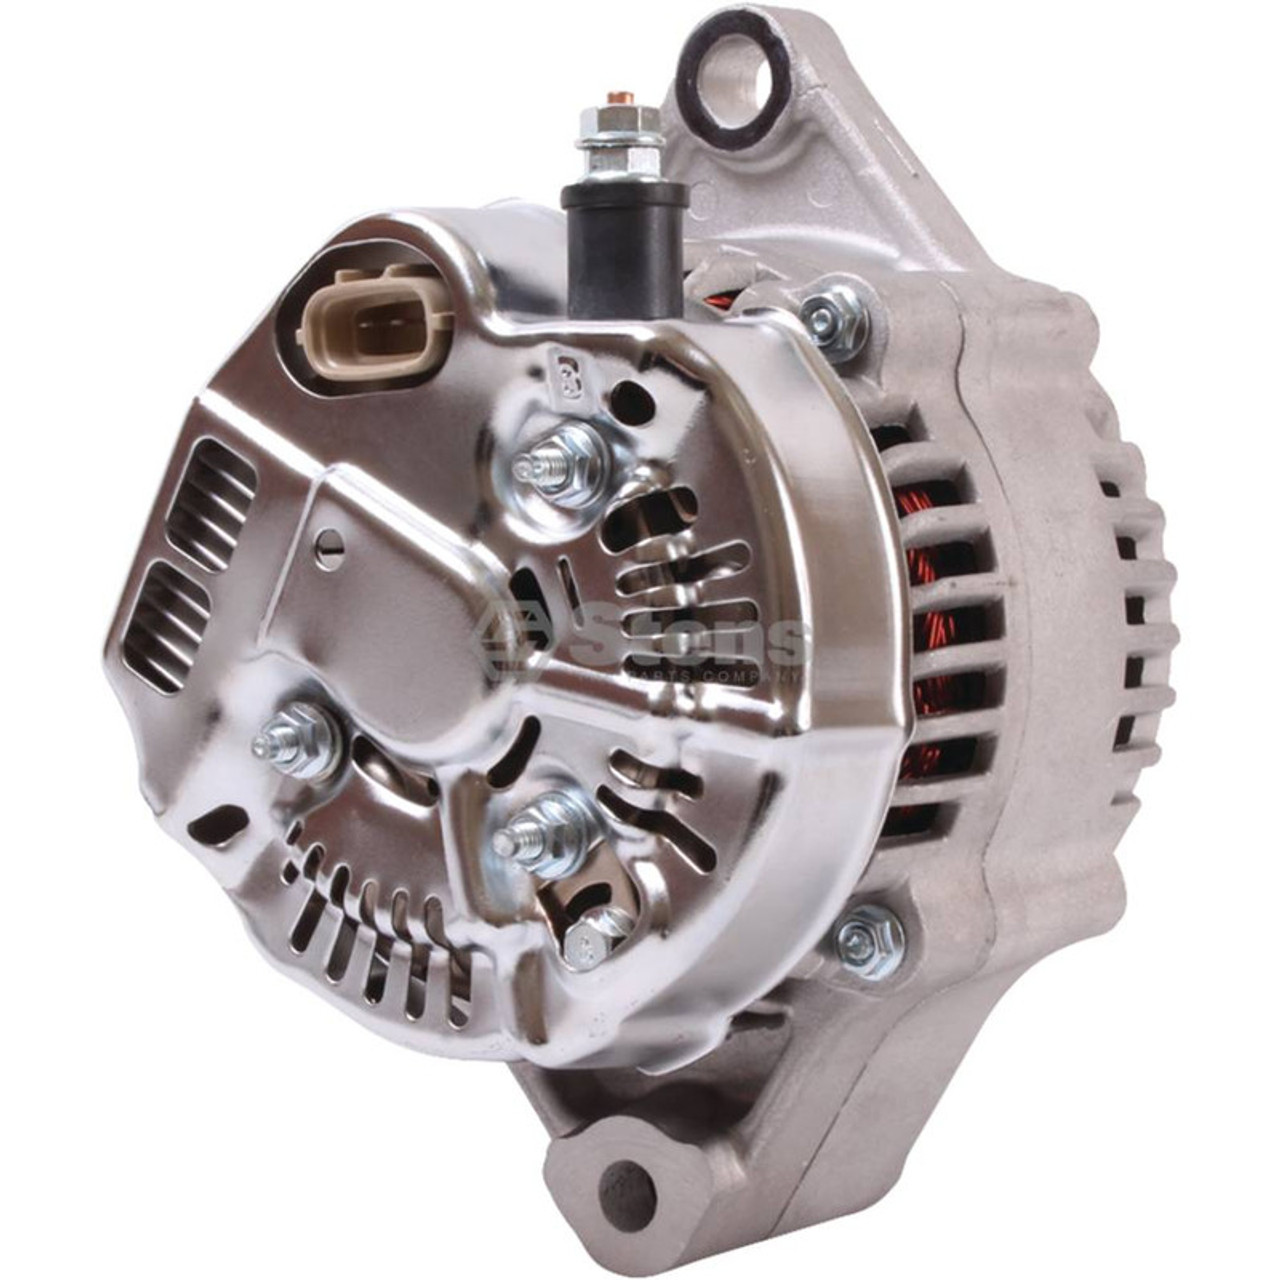 Alternator for Kubota RTV1100, RTV1100CR, RTV1100CR9, RTV1100CRX, RTV1100CW, RT1100CW9, RTV1100CWX, RTVX1100CR, RTVX1100CW, RTV1140CPX, K771161900, K771161901, K771161902, K7711-61900, K7711-61901, K7711-61902